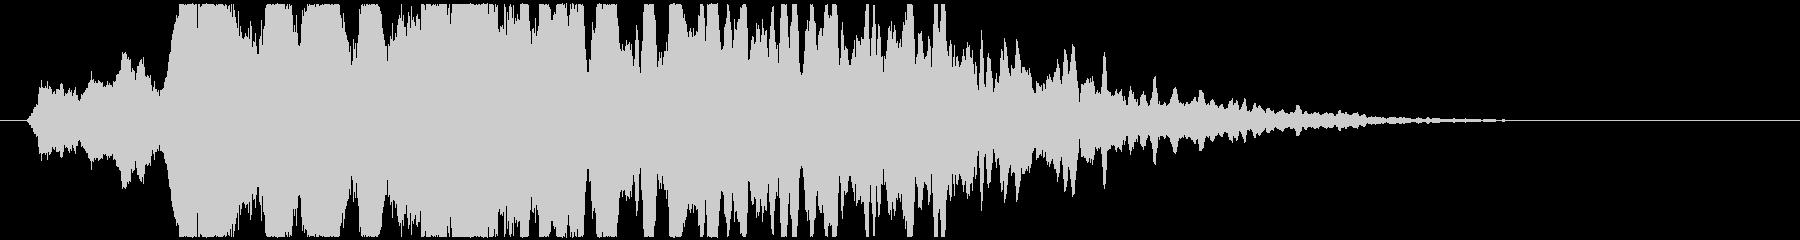 ミステリアス・不穏・透明感のある音の未再生の波形